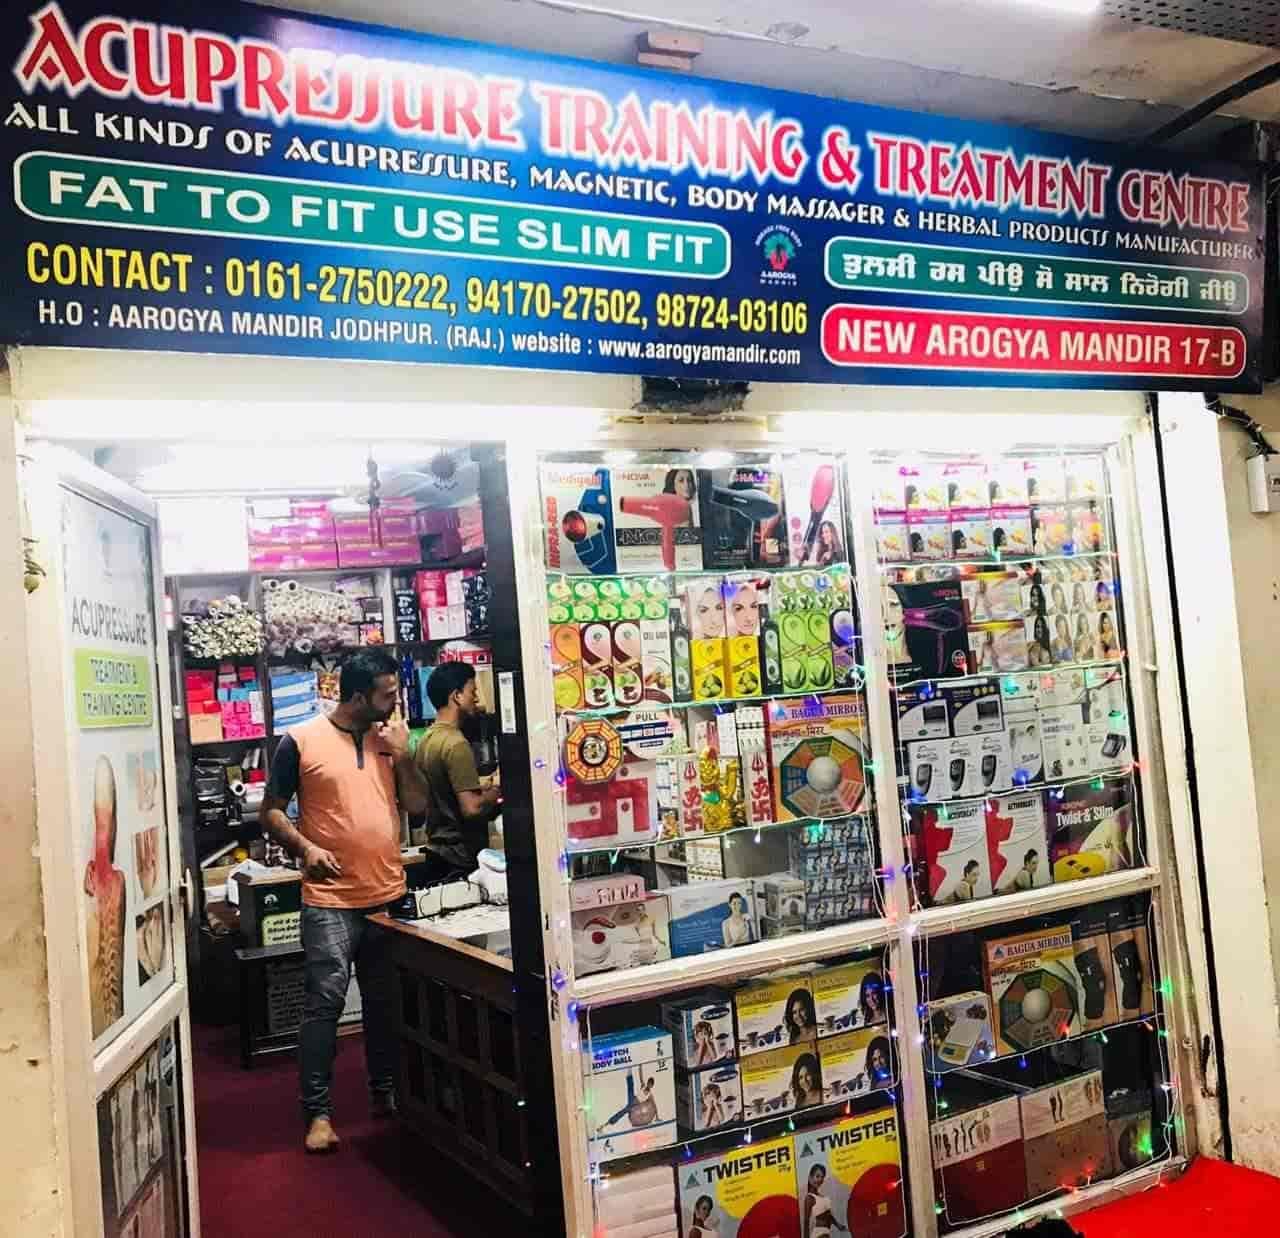 Aarogya Mandir Acupressure Treatment & Training Centre